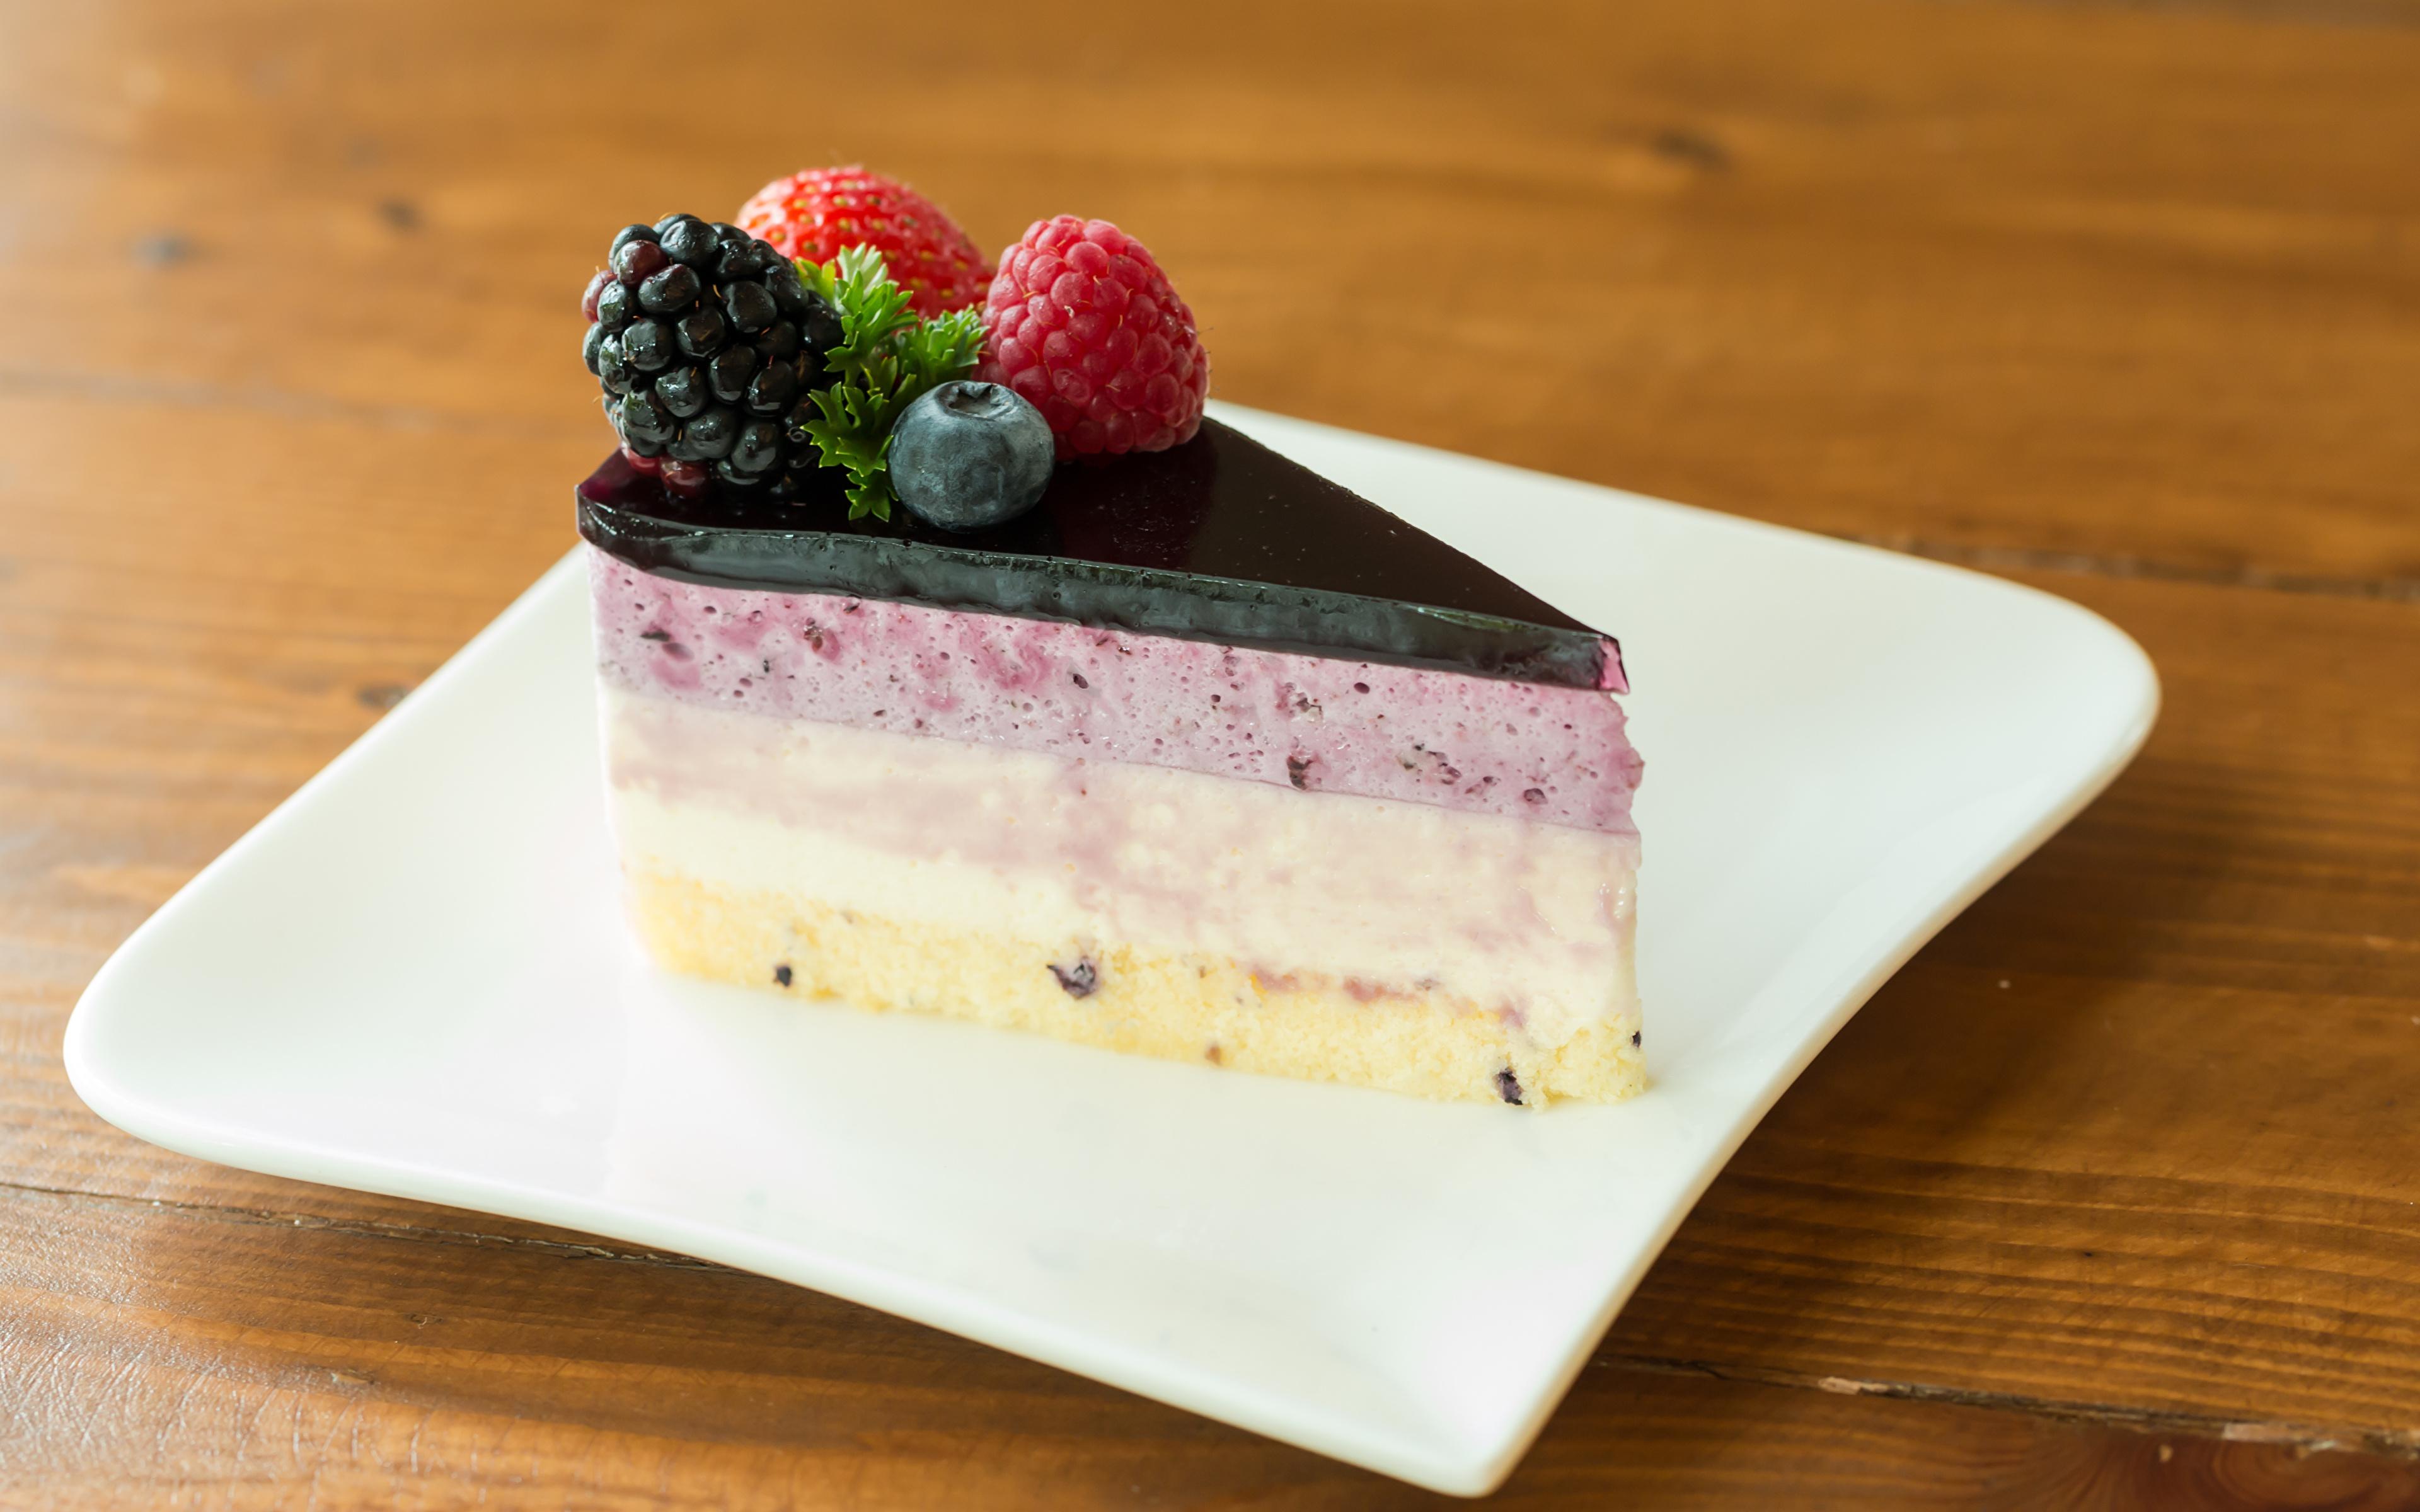 Фотографии Торты Кусок Десерт Еда Ягоды Тарелка 3840x2400 часть кусочки кусочек Пища тарелке Продукты питания